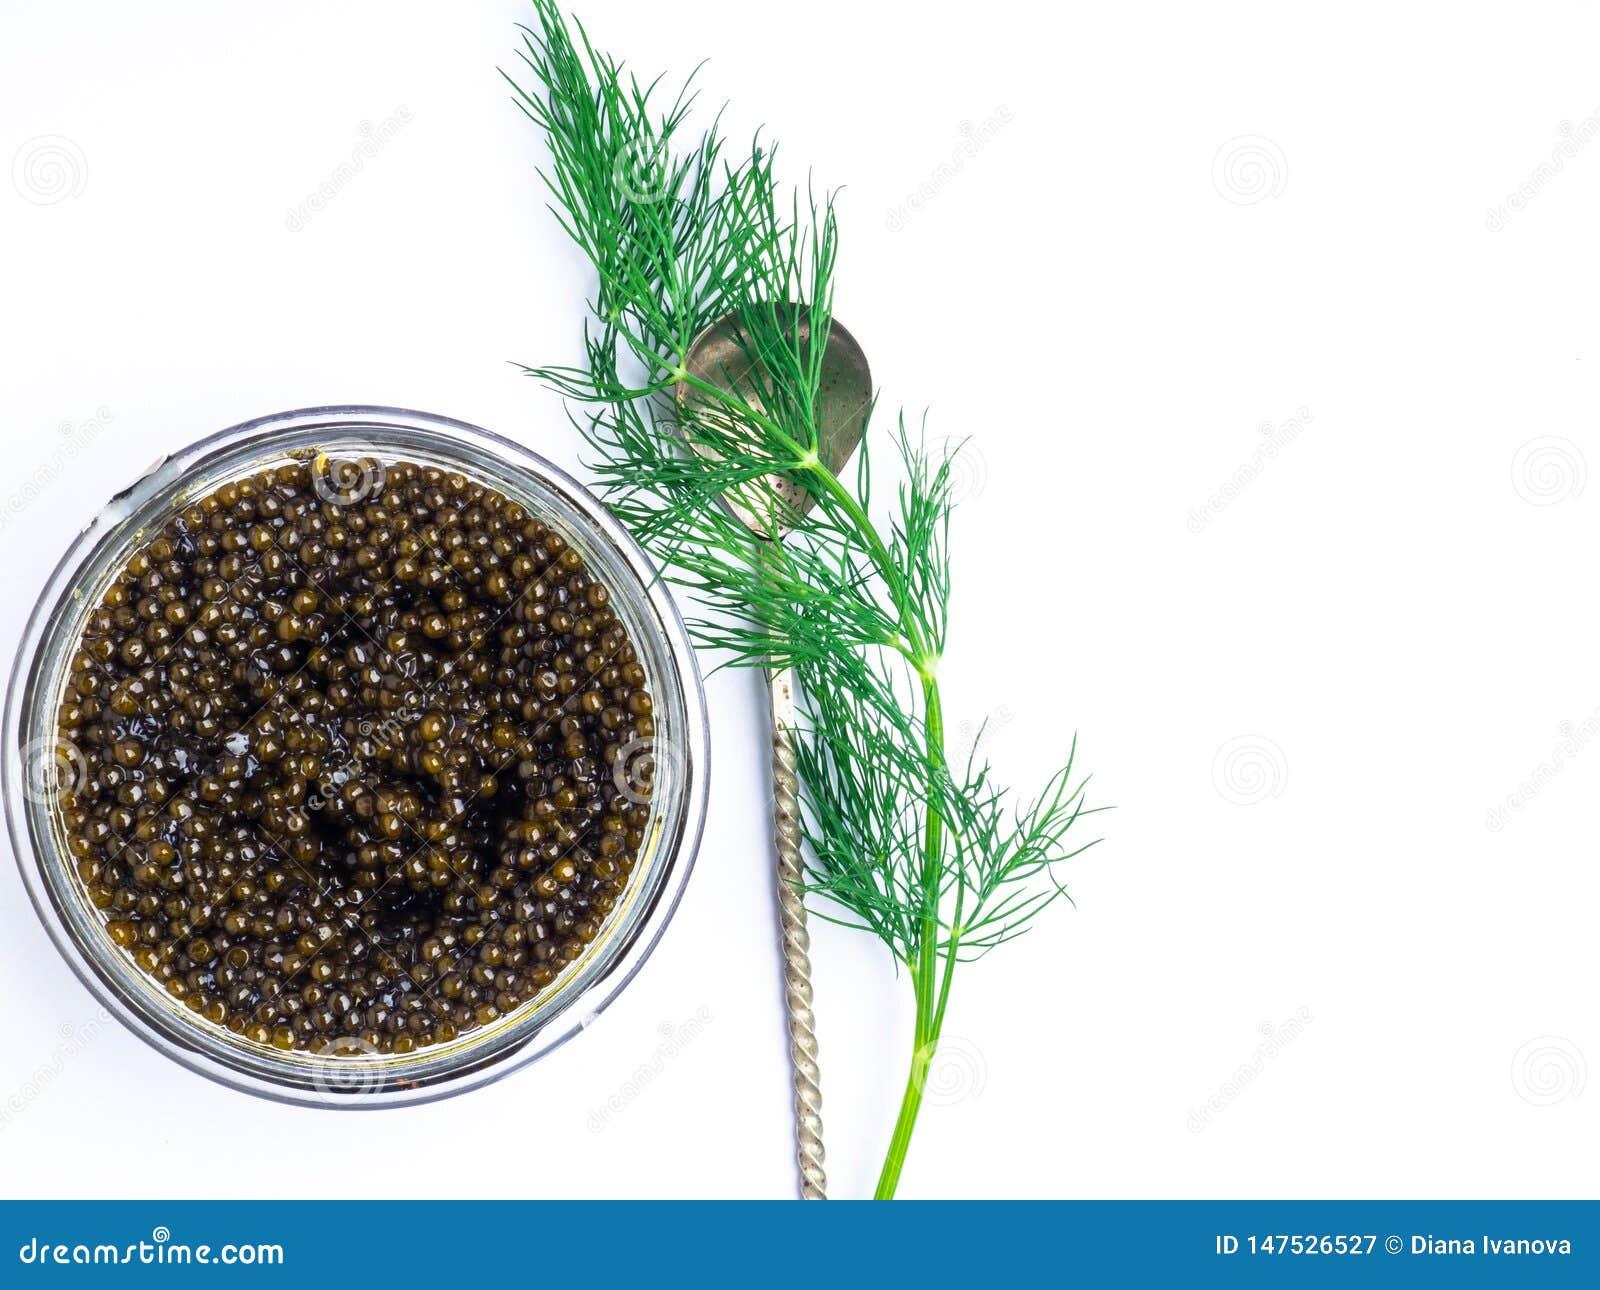 Colher de prata do vintage com o caviar preto do esturj?o no fundo branco Vista superior, configura??o lisa